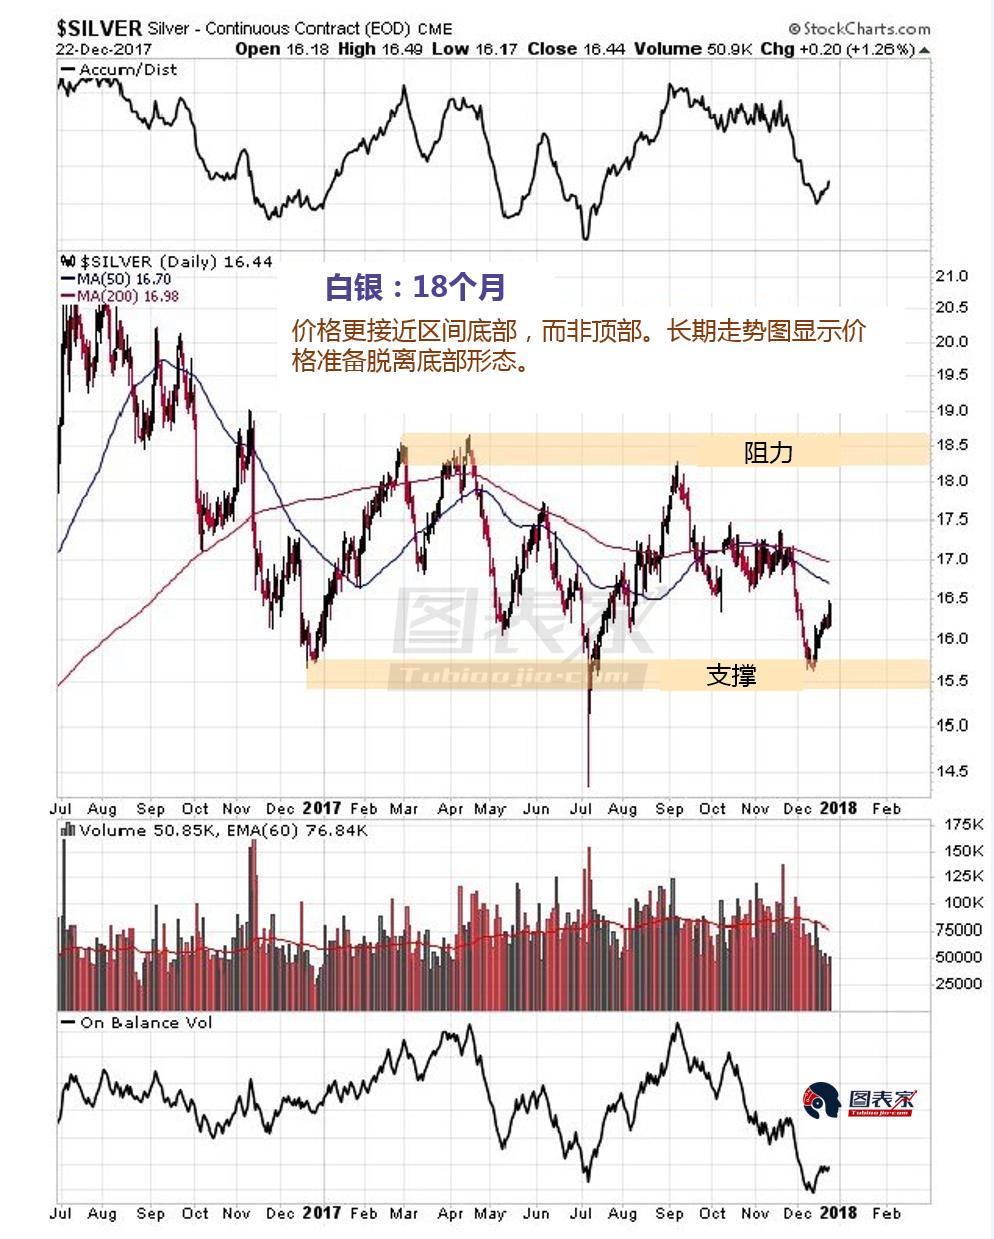 持仓报告显示,白银持仓结构在短短四周内就因价格下跌而出现显著改善。这通常会促使价格走高。